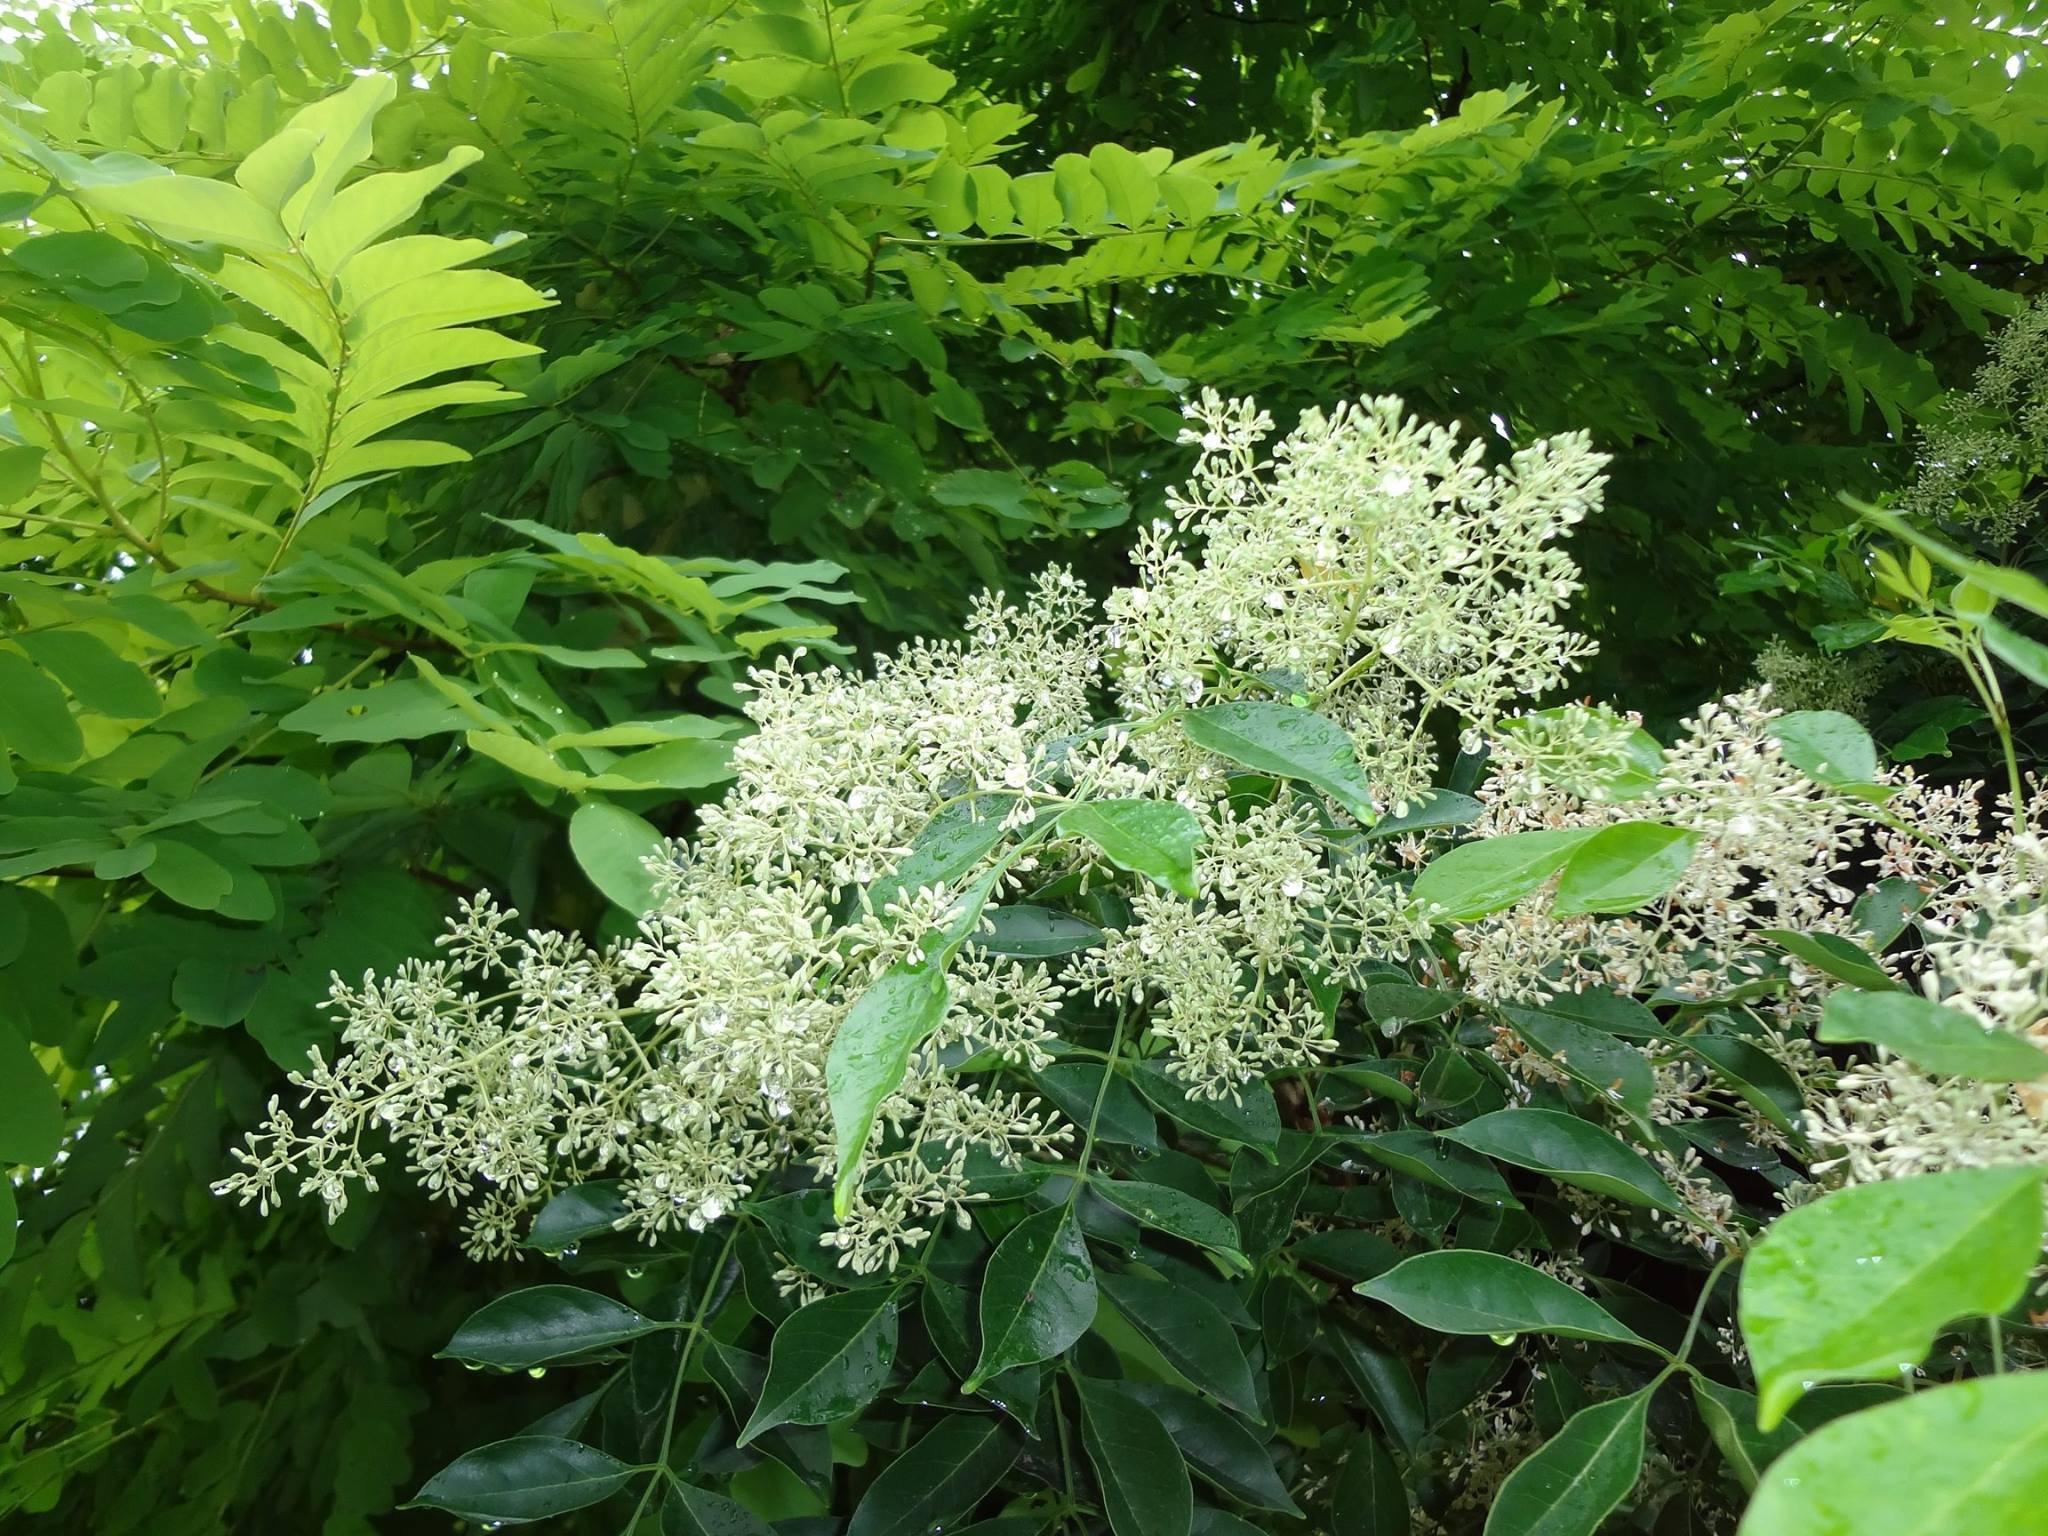 島戸錬子(しまとねりこ)の花です。